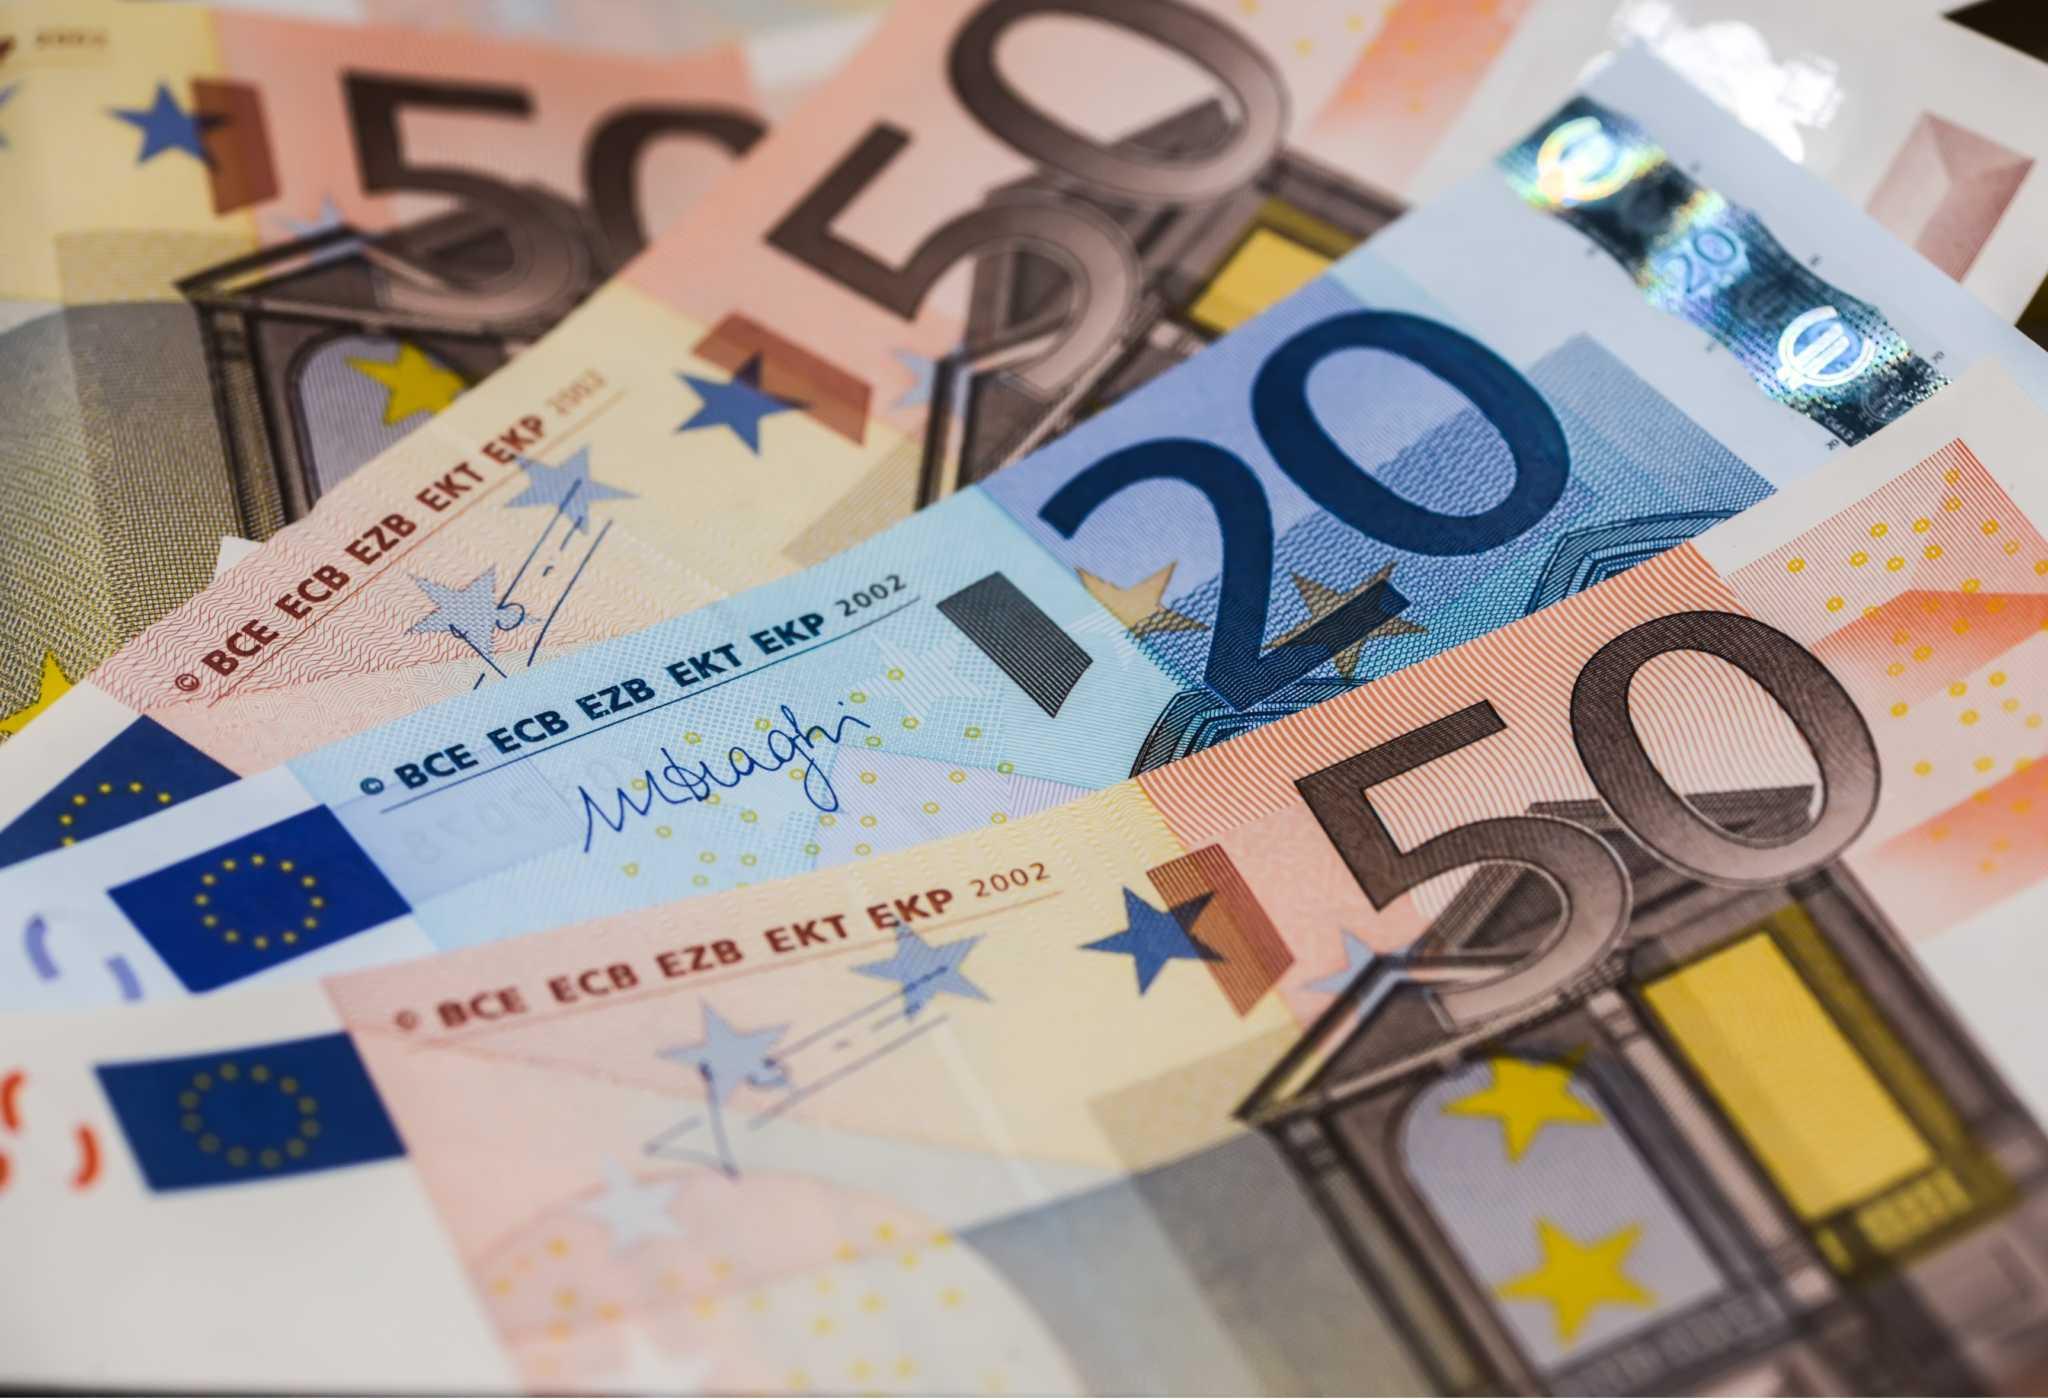 Υπουργείο Αγροτικής Ανάπτυξης: Άμεσα η καταβολή ενισχύσεων 246 εκατομμυρίων ευρώ